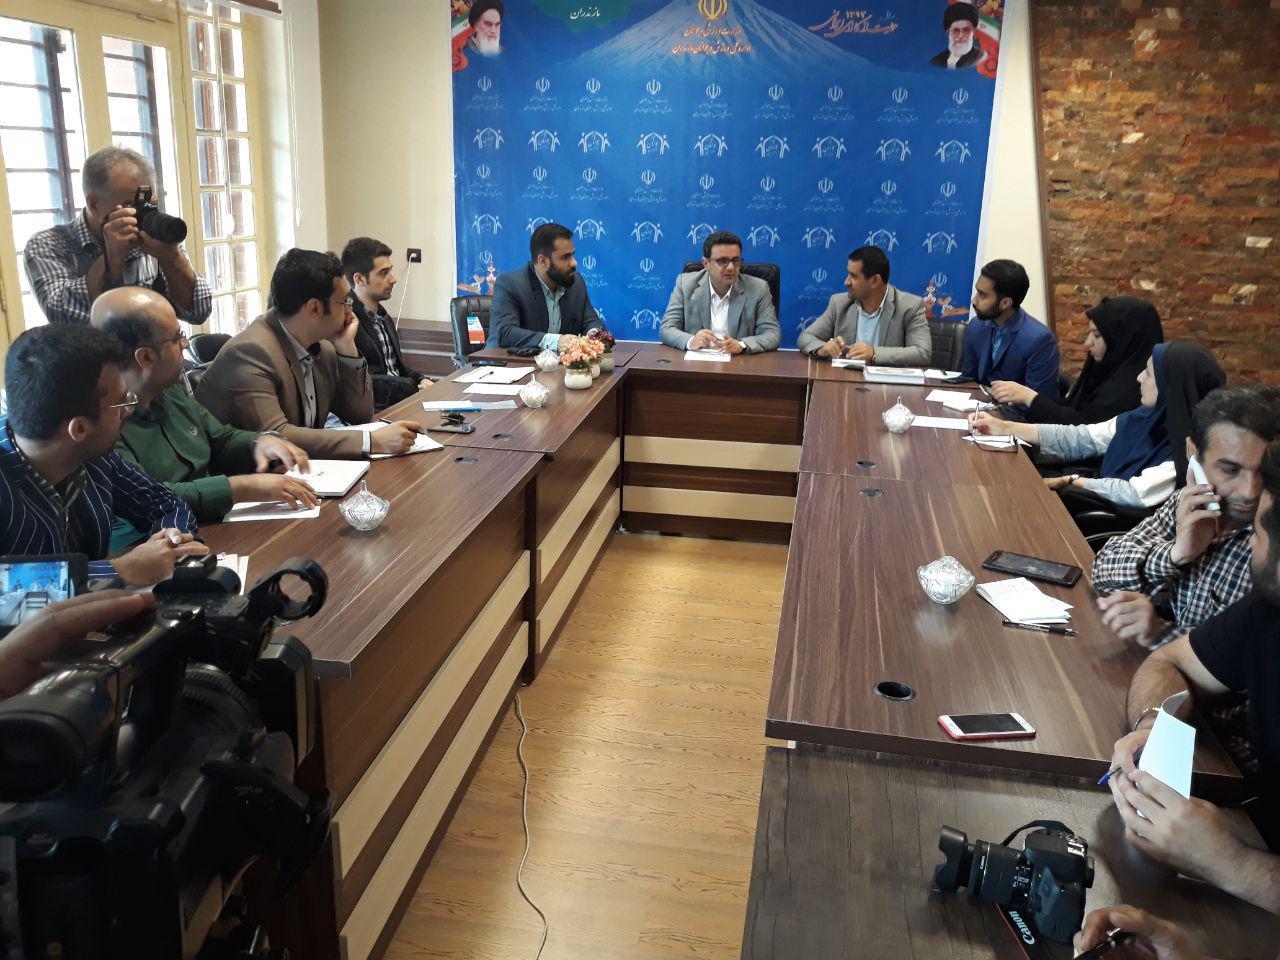 در گردهمایی اصحاب رسانه با مدیرکل ورزش و جوانان استان در خانه جوانان مازندران چه گذشت !؟